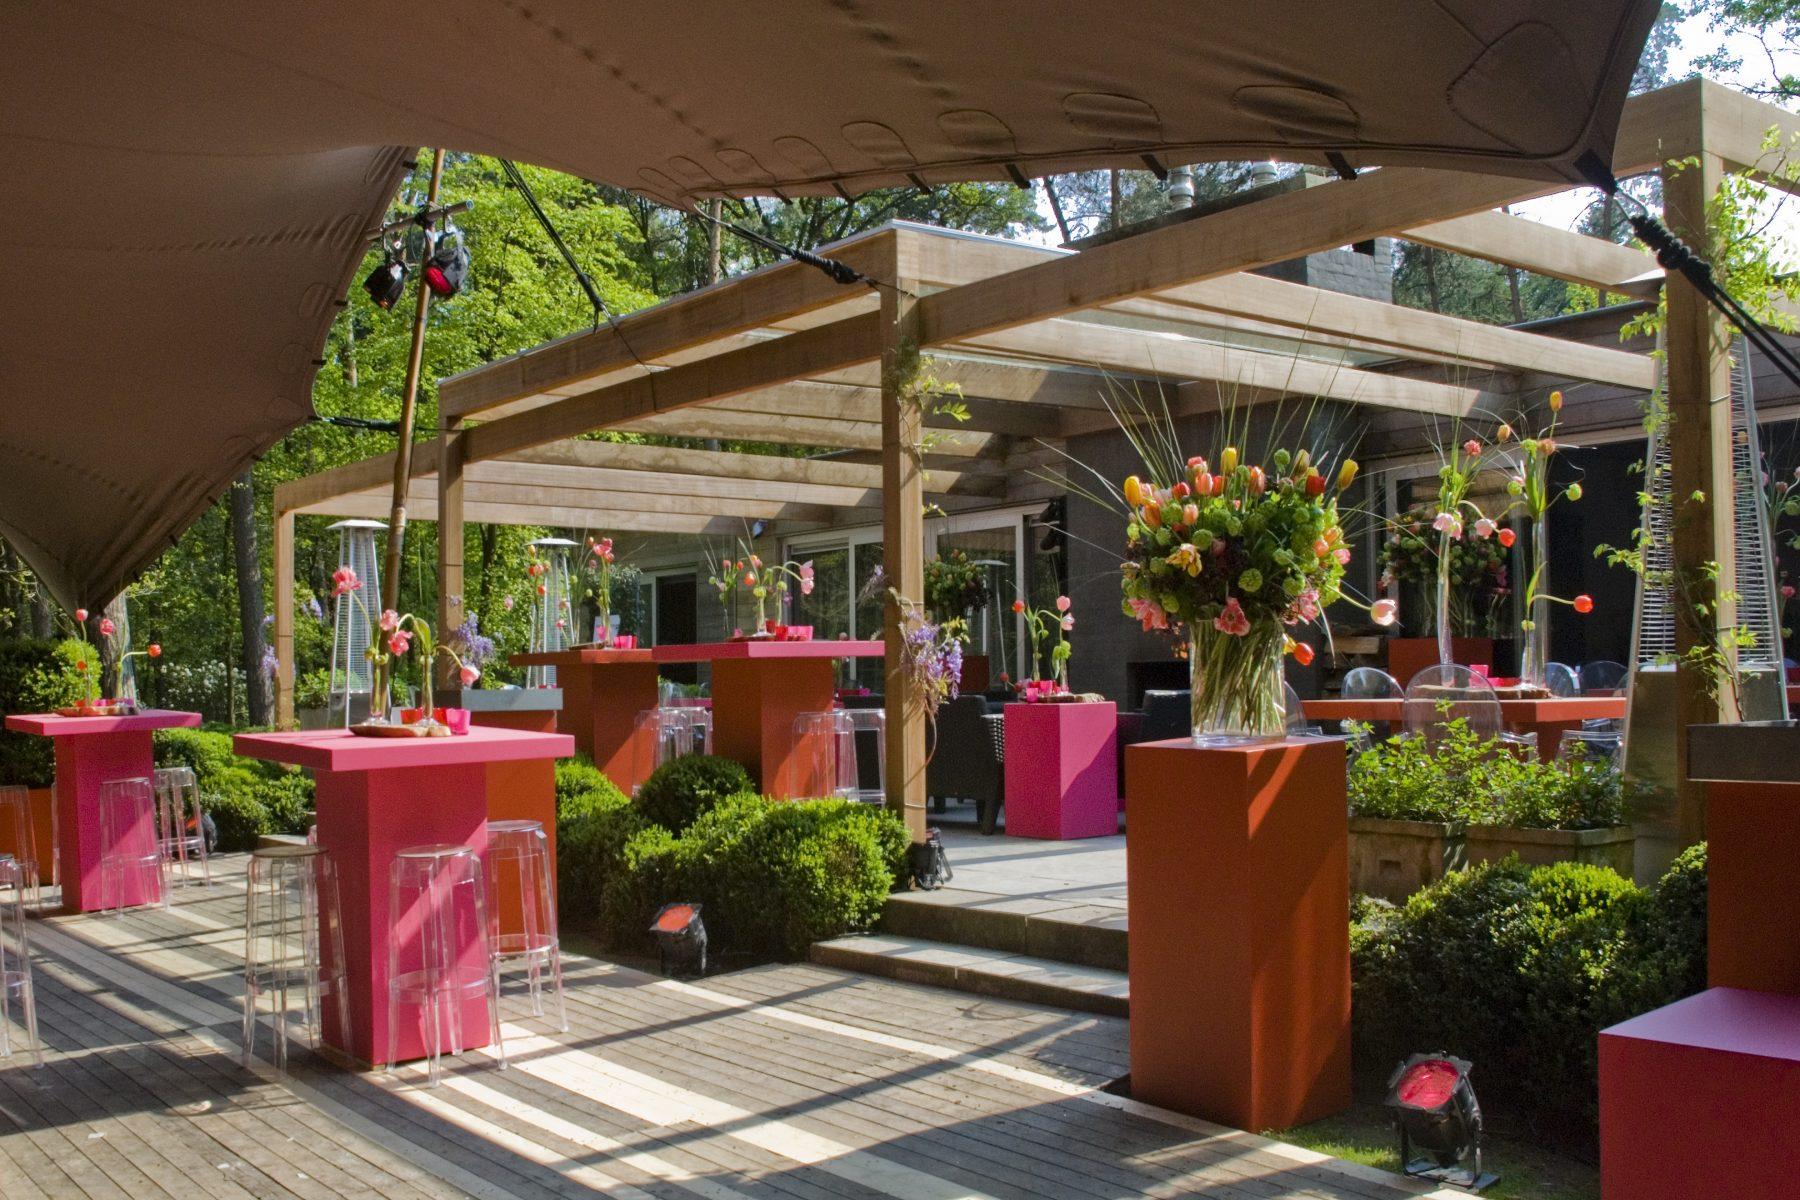 Blumen auf Sockel Bas de Boer Eventstyling www.BasdeBoer eventstyling.de Kopie - Empfang